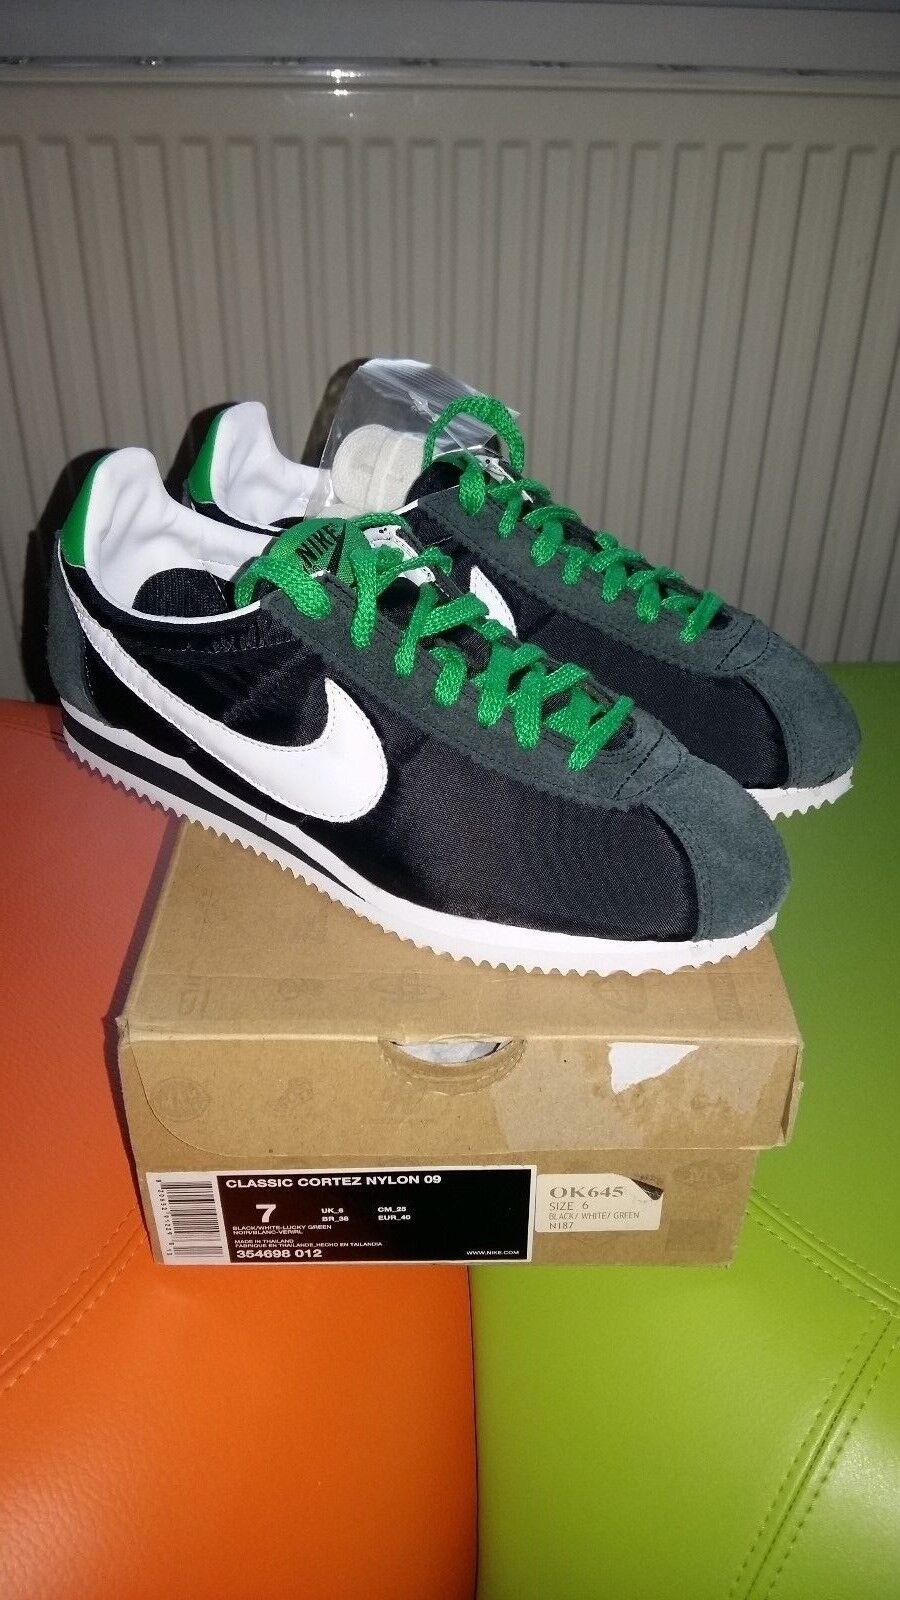 Scorte morte... Nike Classic Cortez Nylon 09... Scarpe Da Ginnastica Unisex Taglia 6 UK eur-40 | Il materiale di altissima qualità  | Uomo/Donne Scarpa